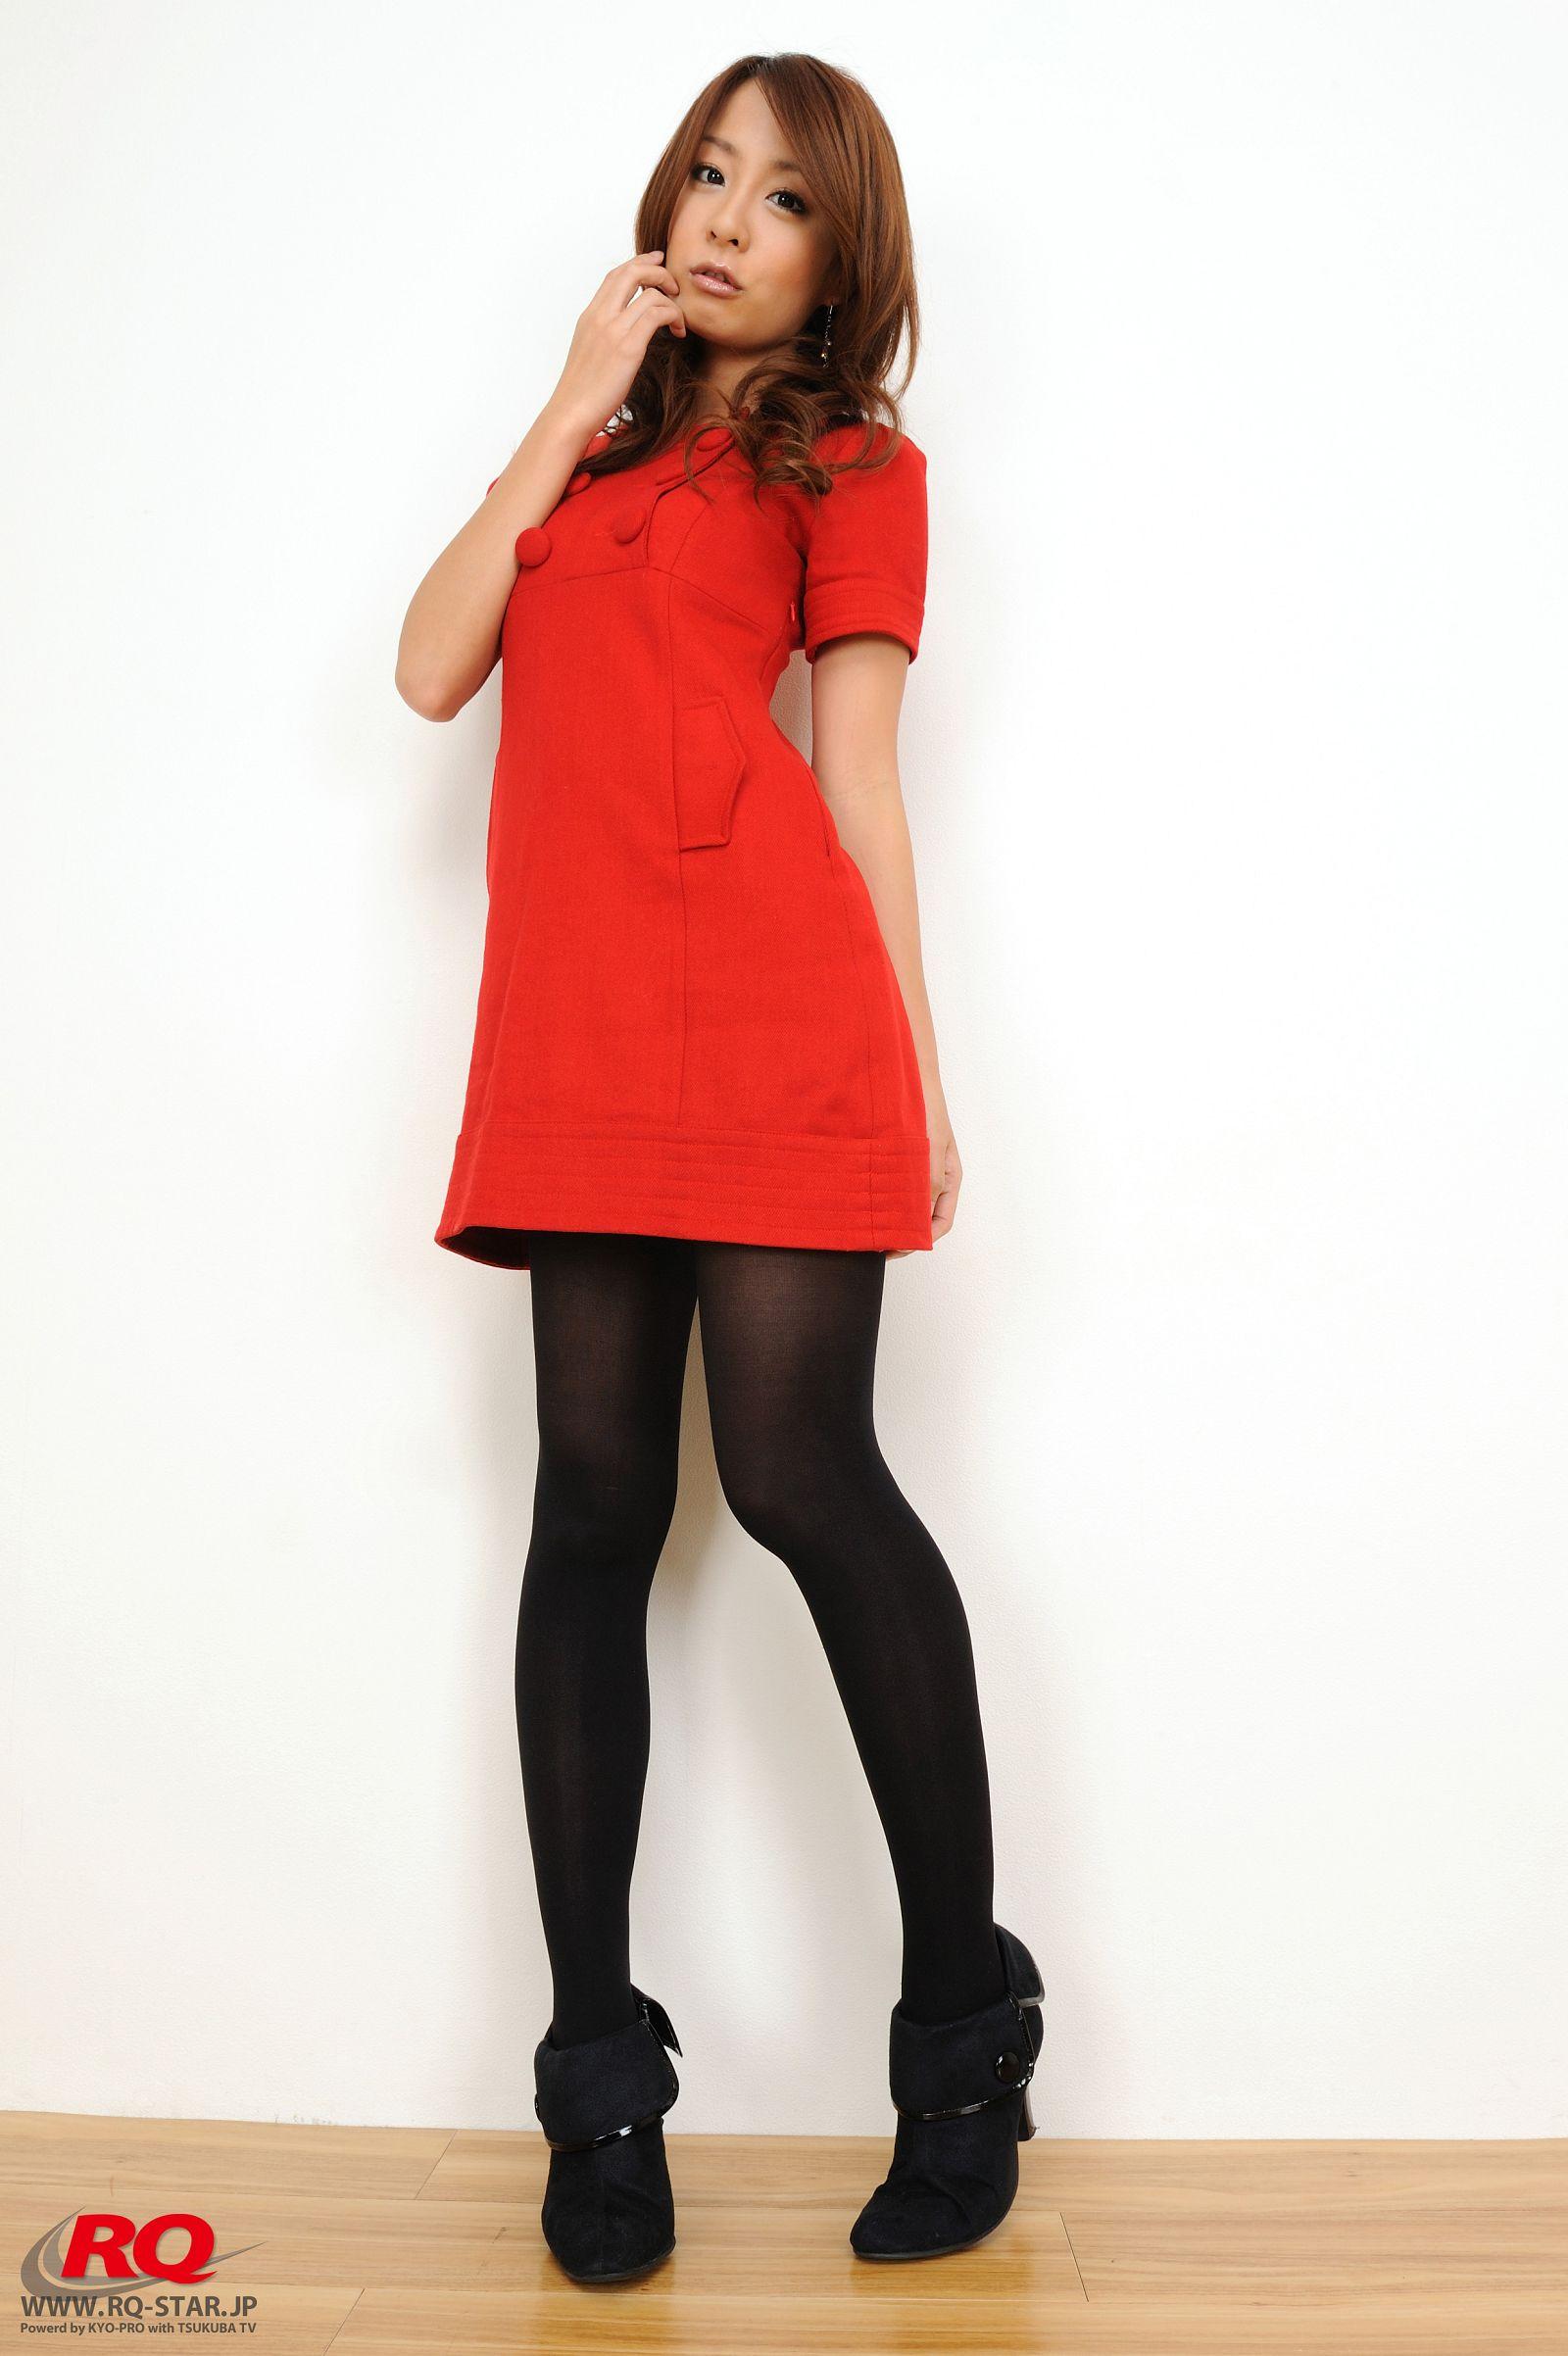 [RQ STAR美女] NO.00102 Yuuki Aikawa 相川友希 Private Dress[90P] RQ STAR 第4张